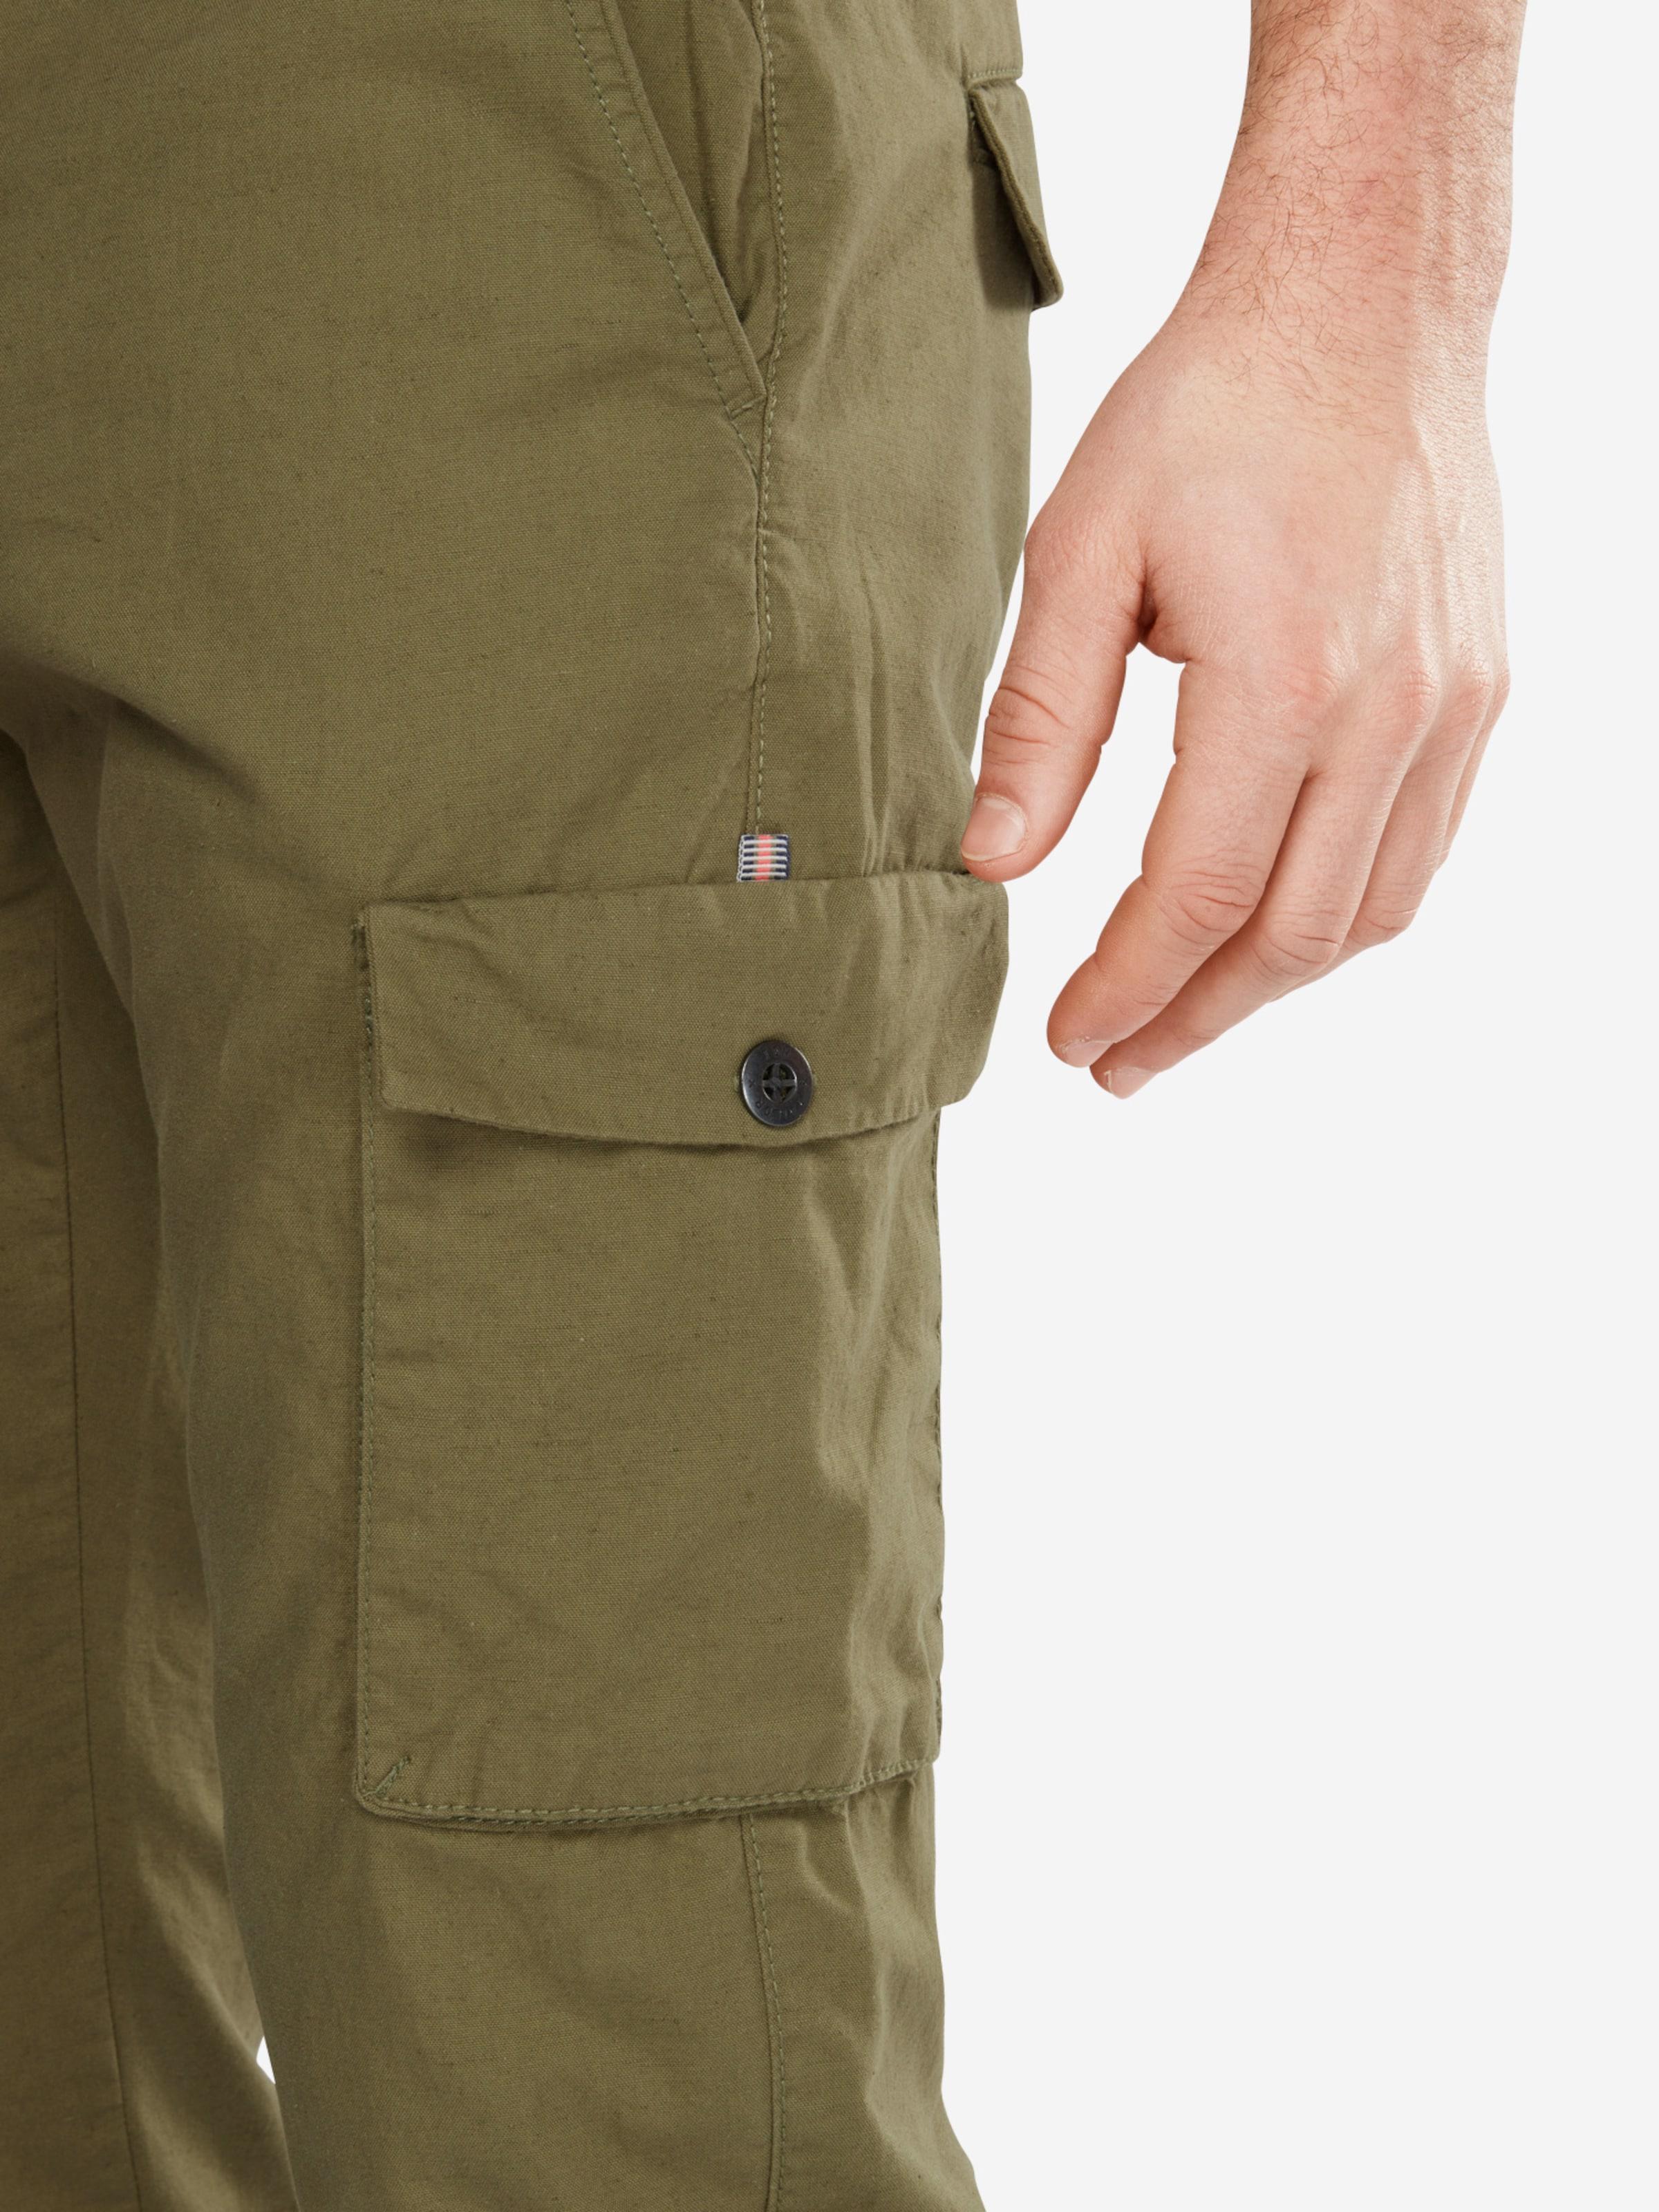 TOM TAILOR Cargohose mit Leinen-Anteil Billige Sammlungen Outlet Mode-Stil Auslauf Zum Verkauf Günstigen Preis aO6lNCPi